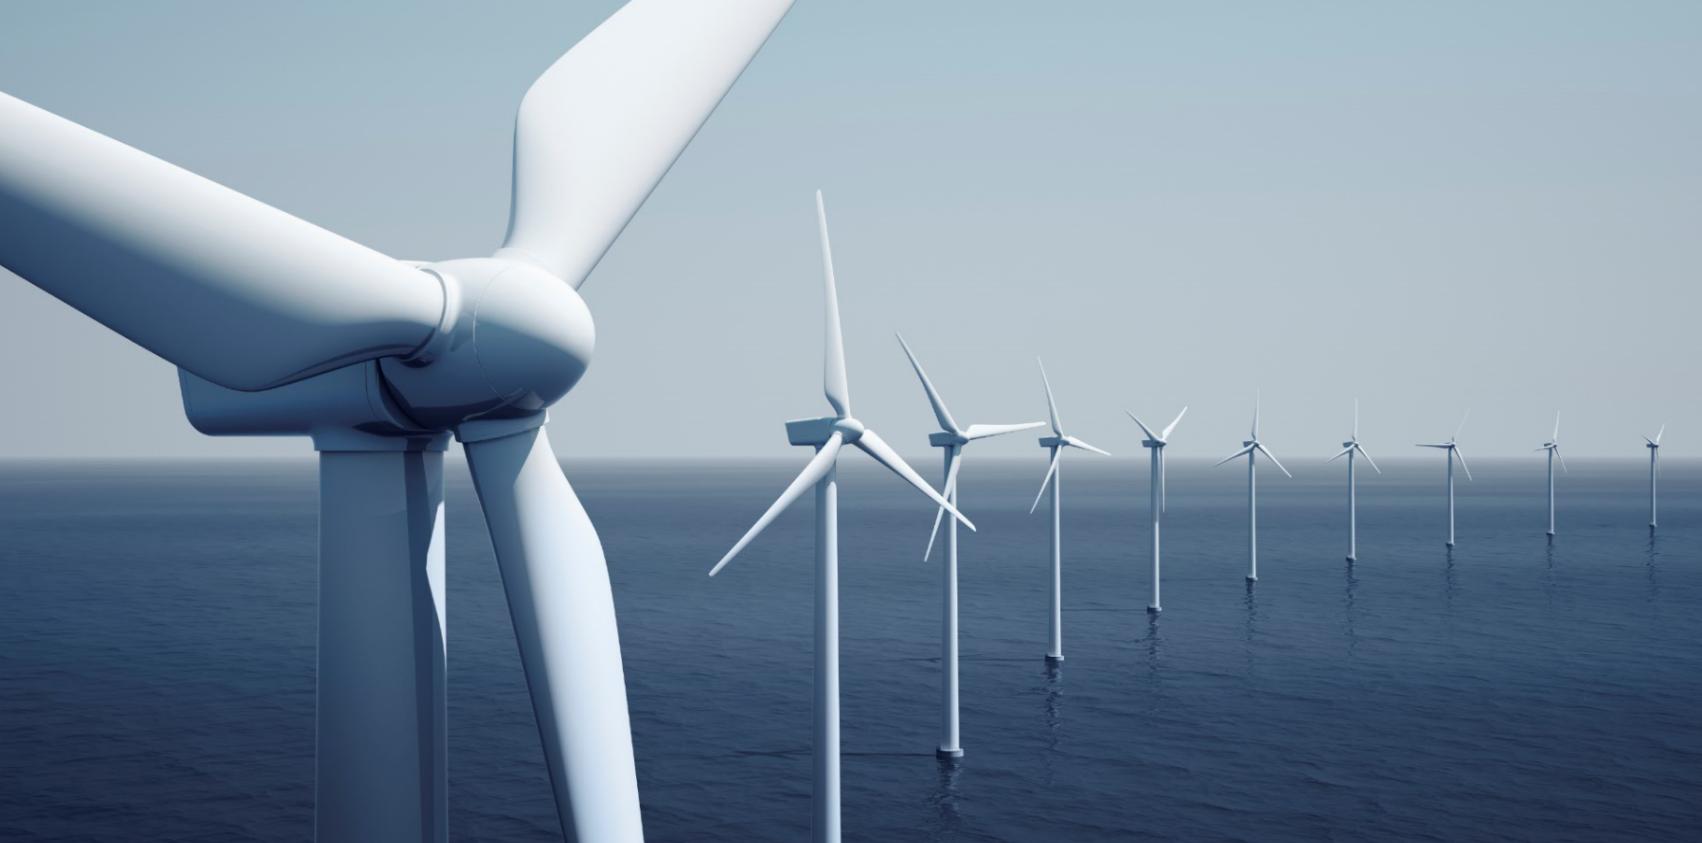 Slewing bearings in the field of wind energy